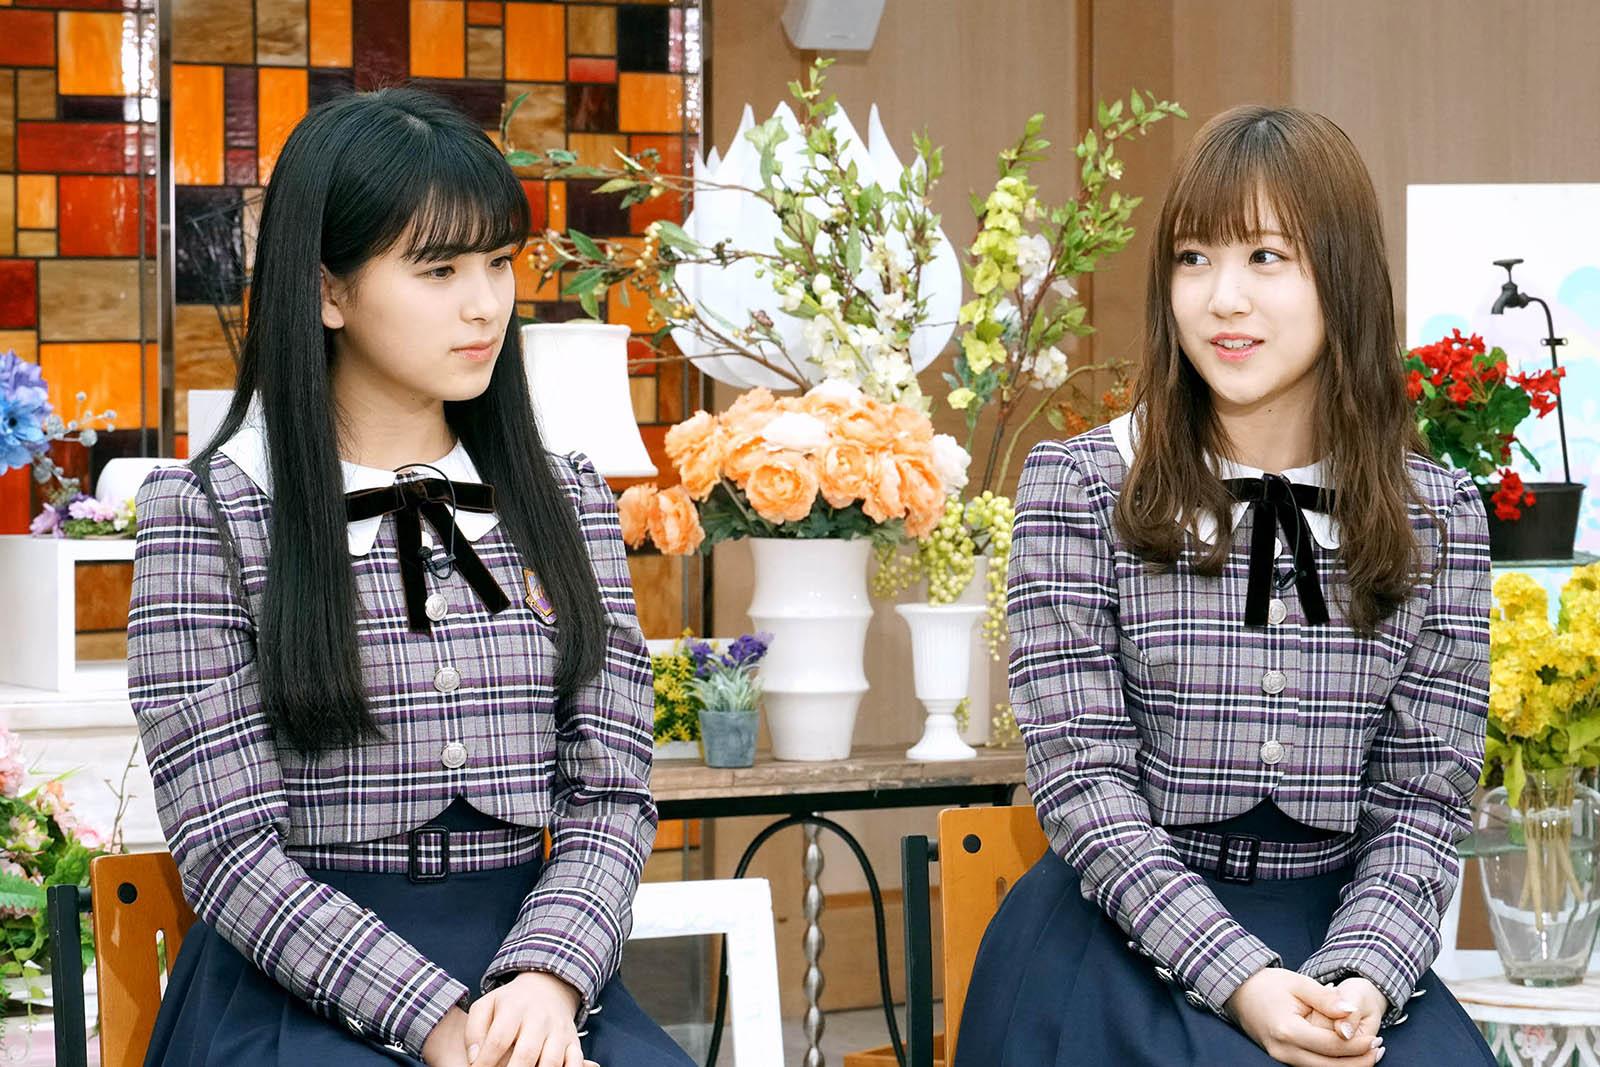 乃木坂46大園桃子が号泣 星野みなみも「感動しました」